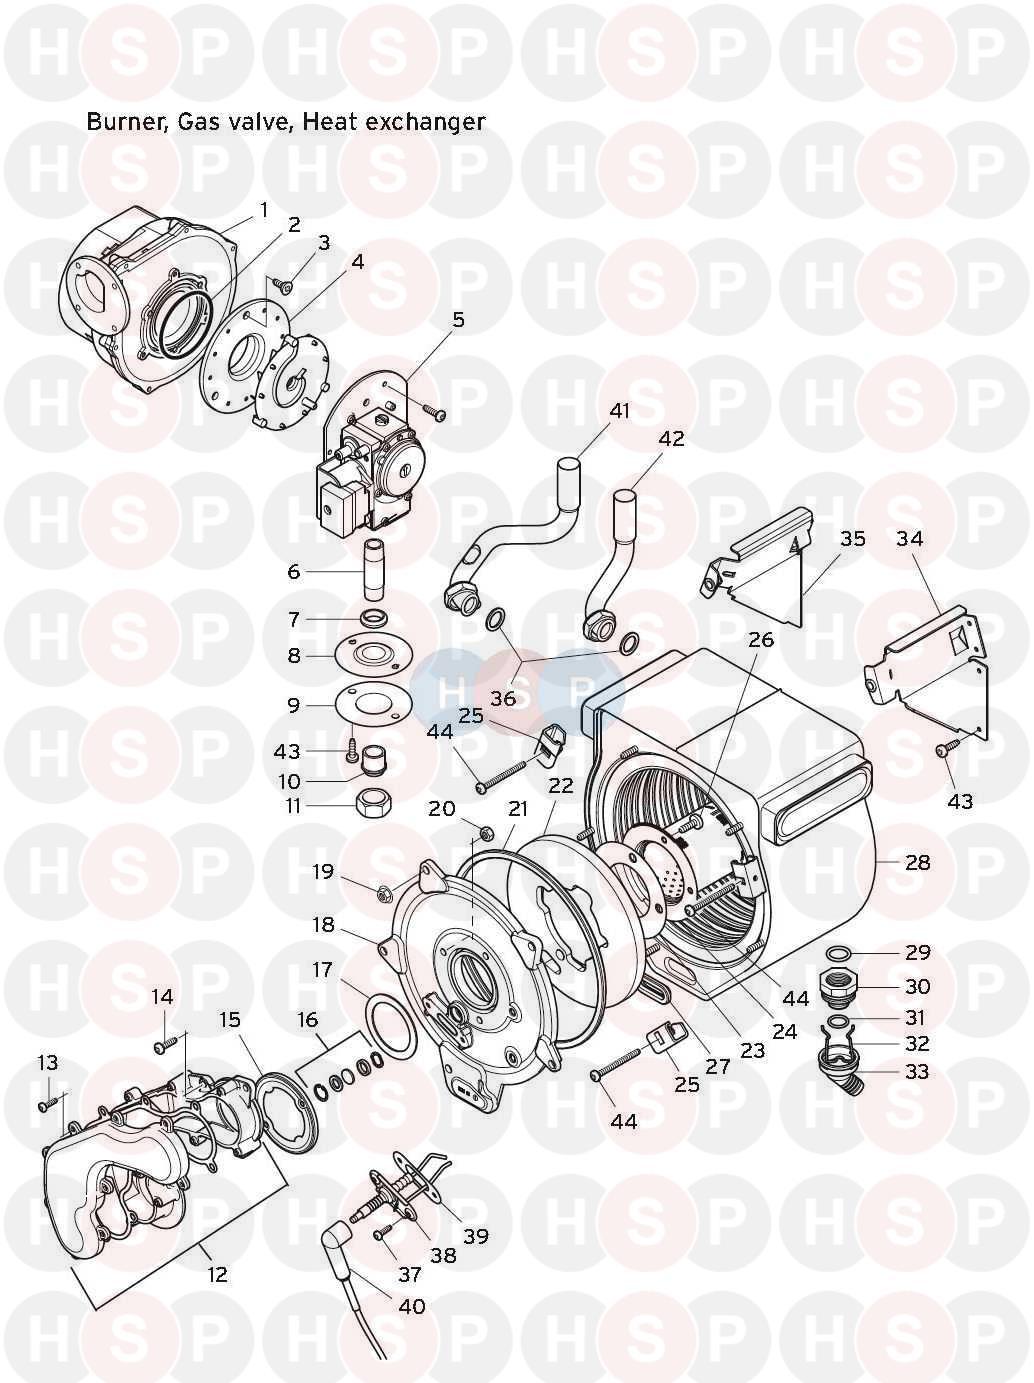 Vaillant ecotec plus 418 vu 1862 oh 2006 2015 burner gas valve burner gas valve heat exchanger diagram for vaillant ecotec plus 418 vu 1862 cheapraybanclubmaster Images